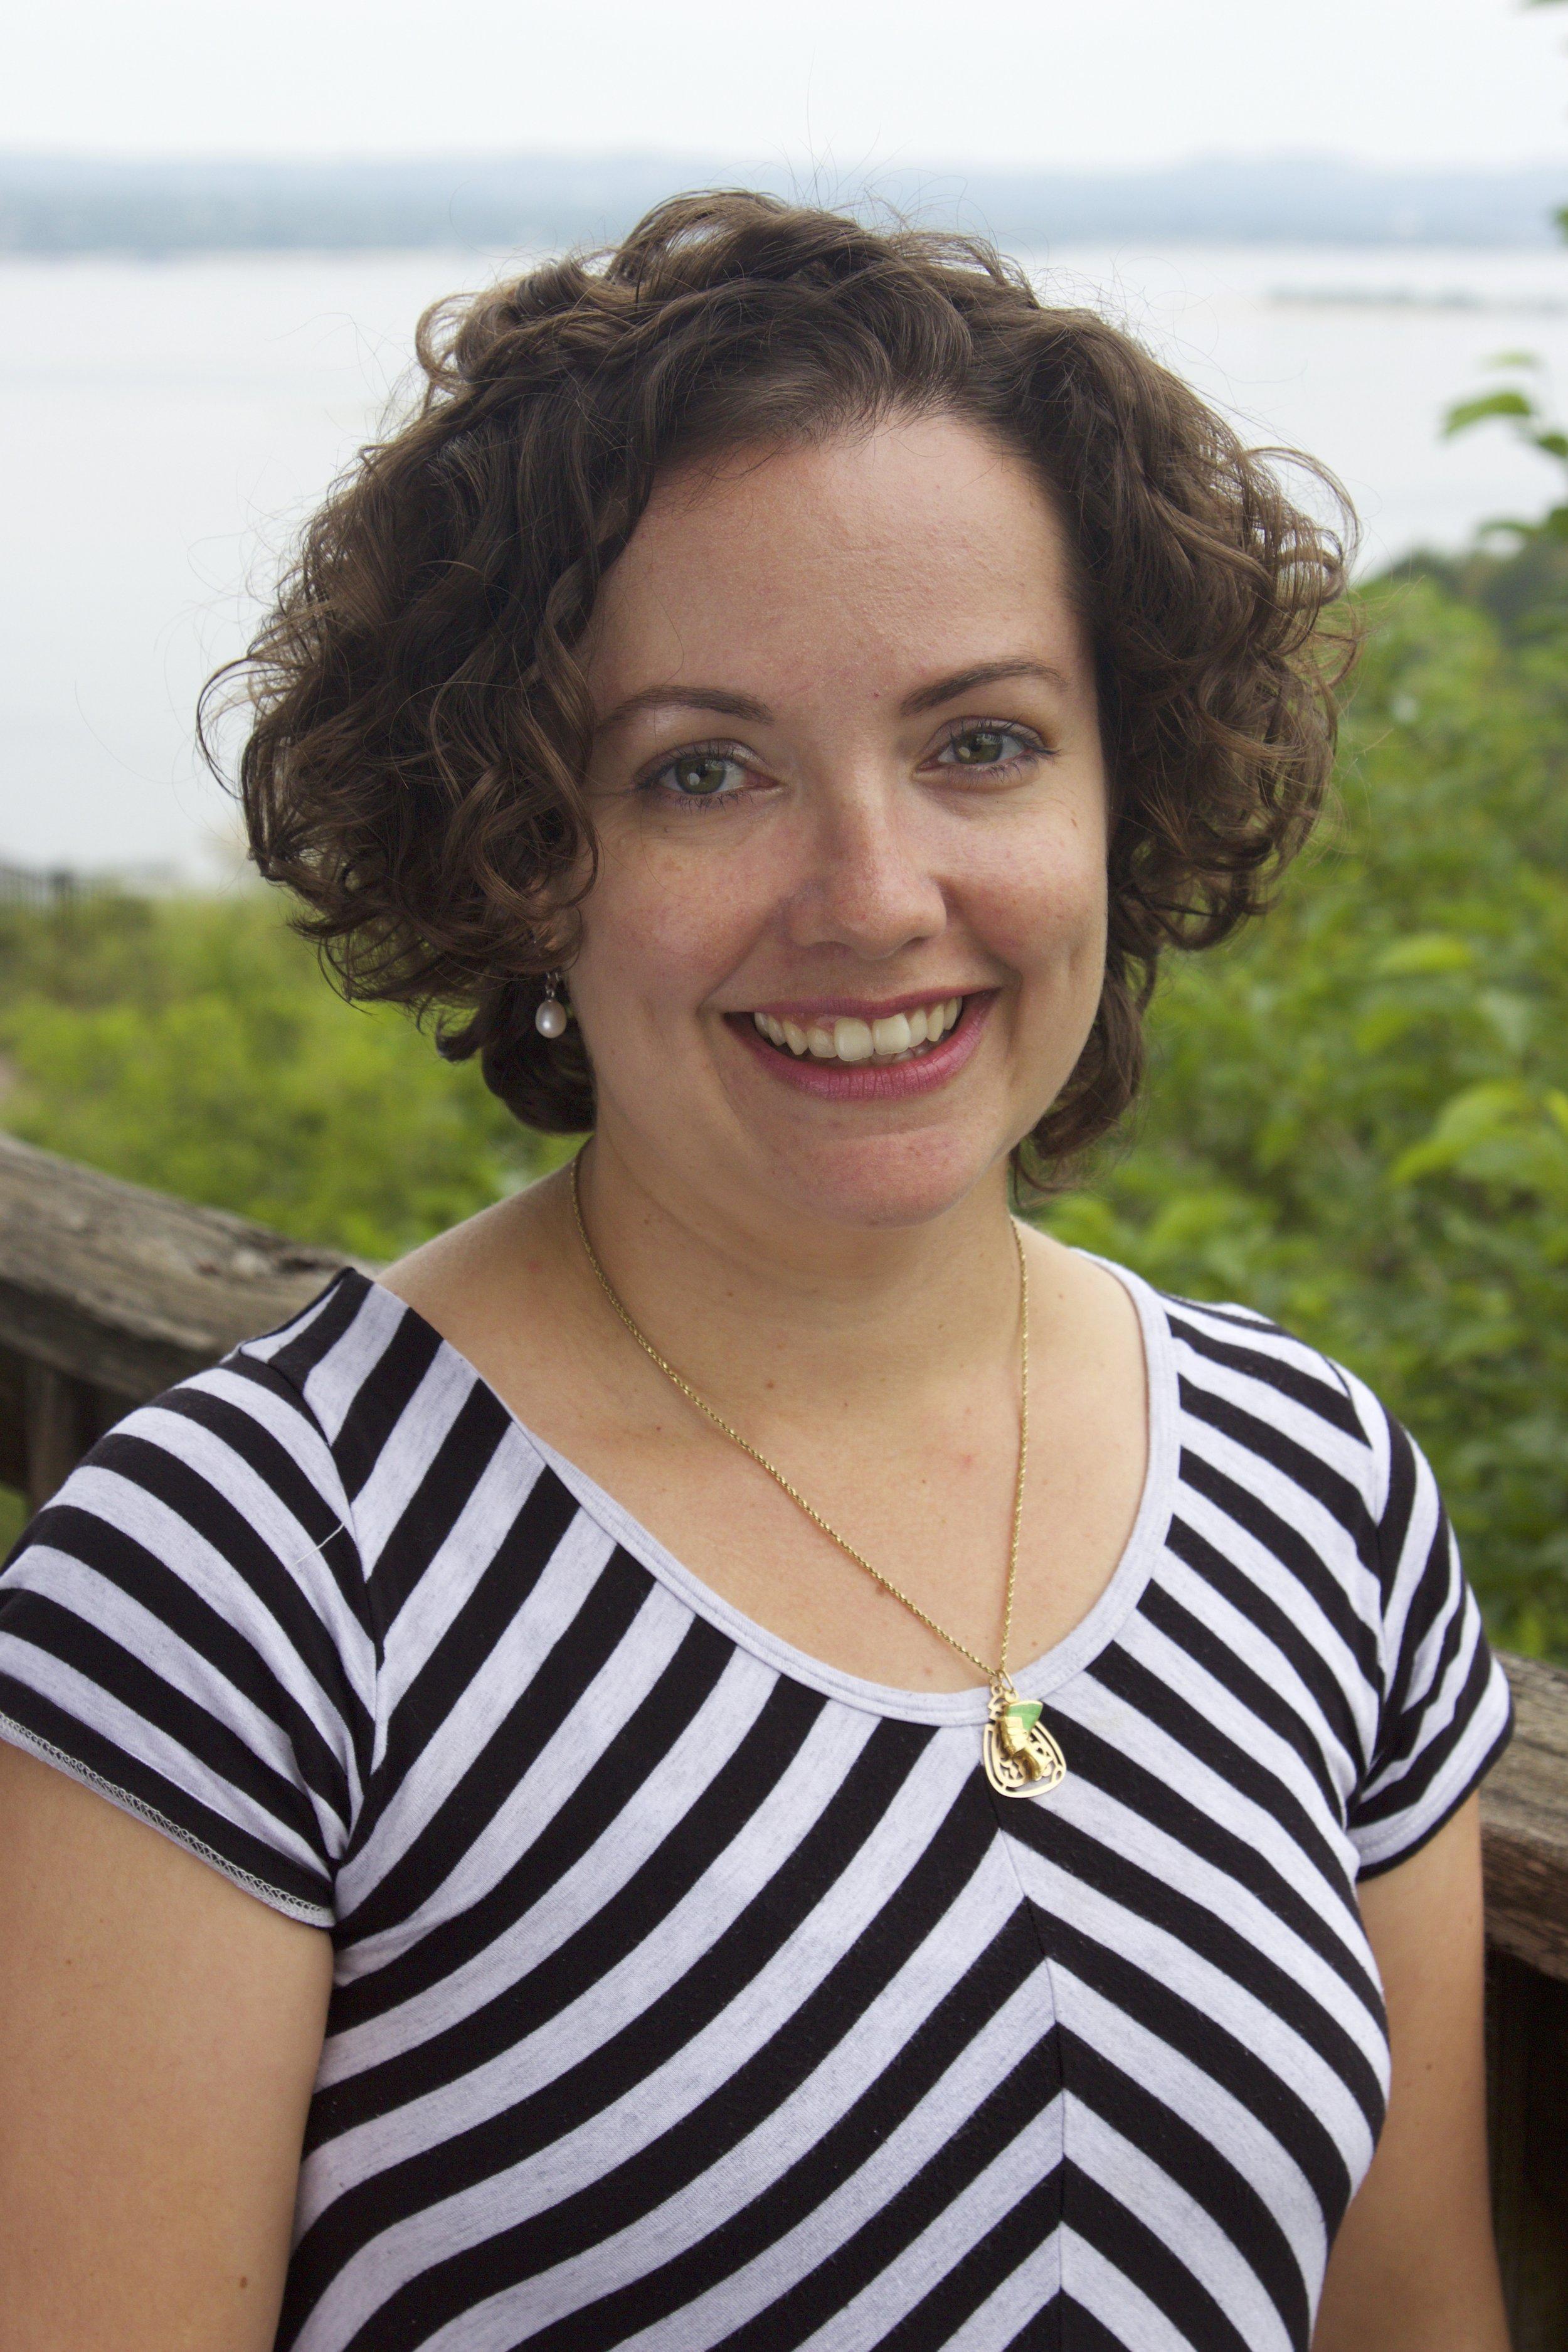 Our Nursery Coordinator,Ayesha Cox -